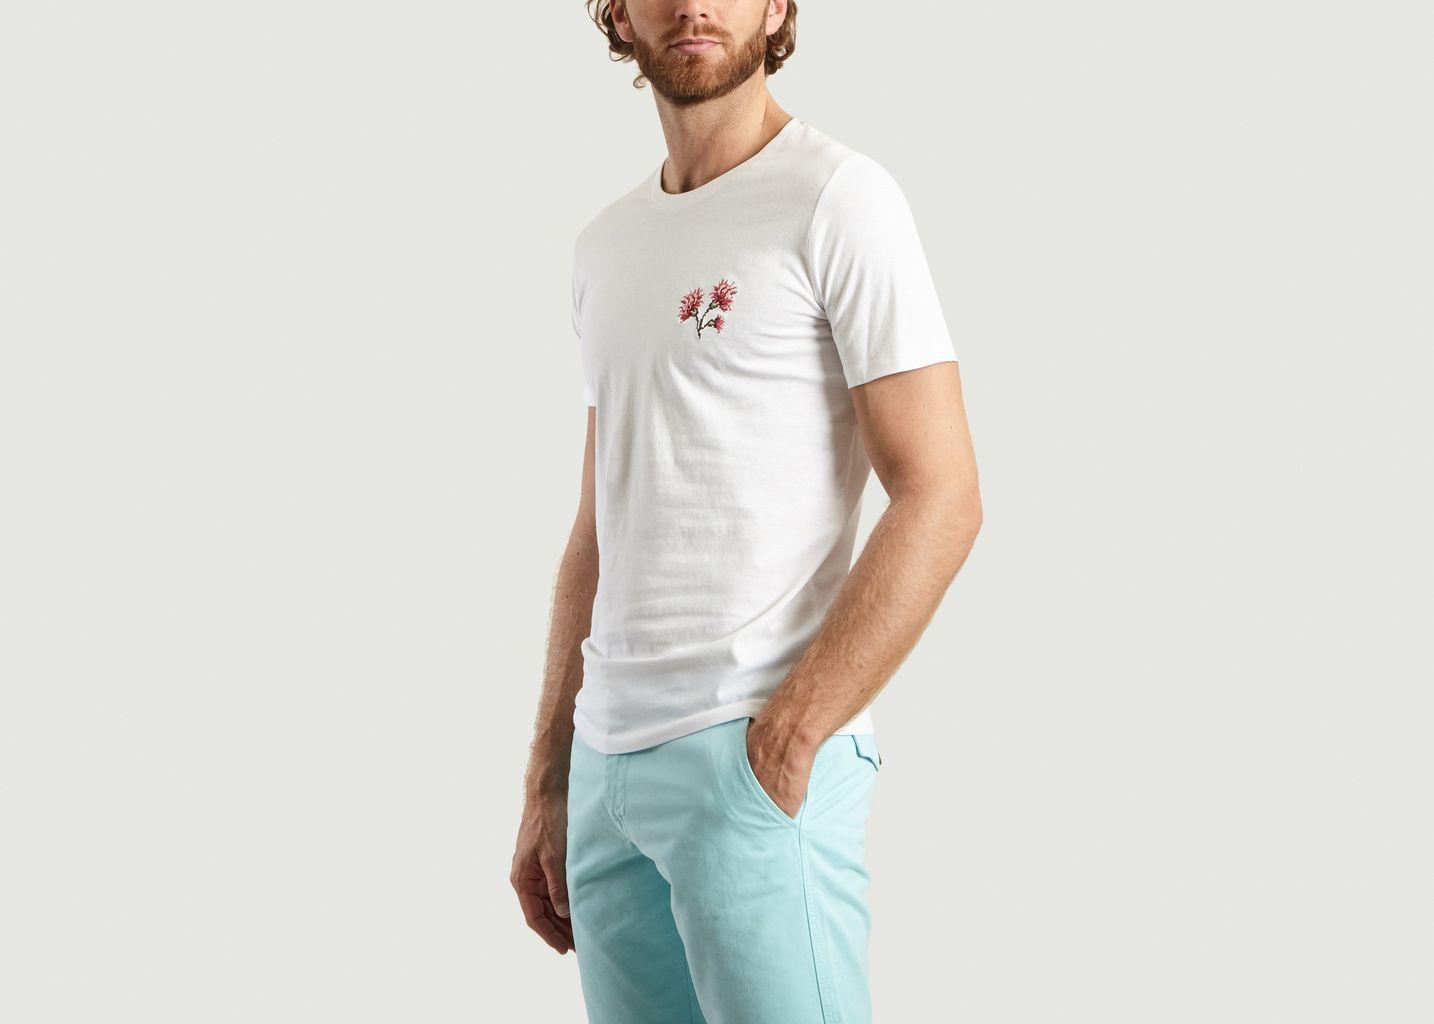 T-Shirt En Coton Bio Brodé Œillets  - Johnny Romance